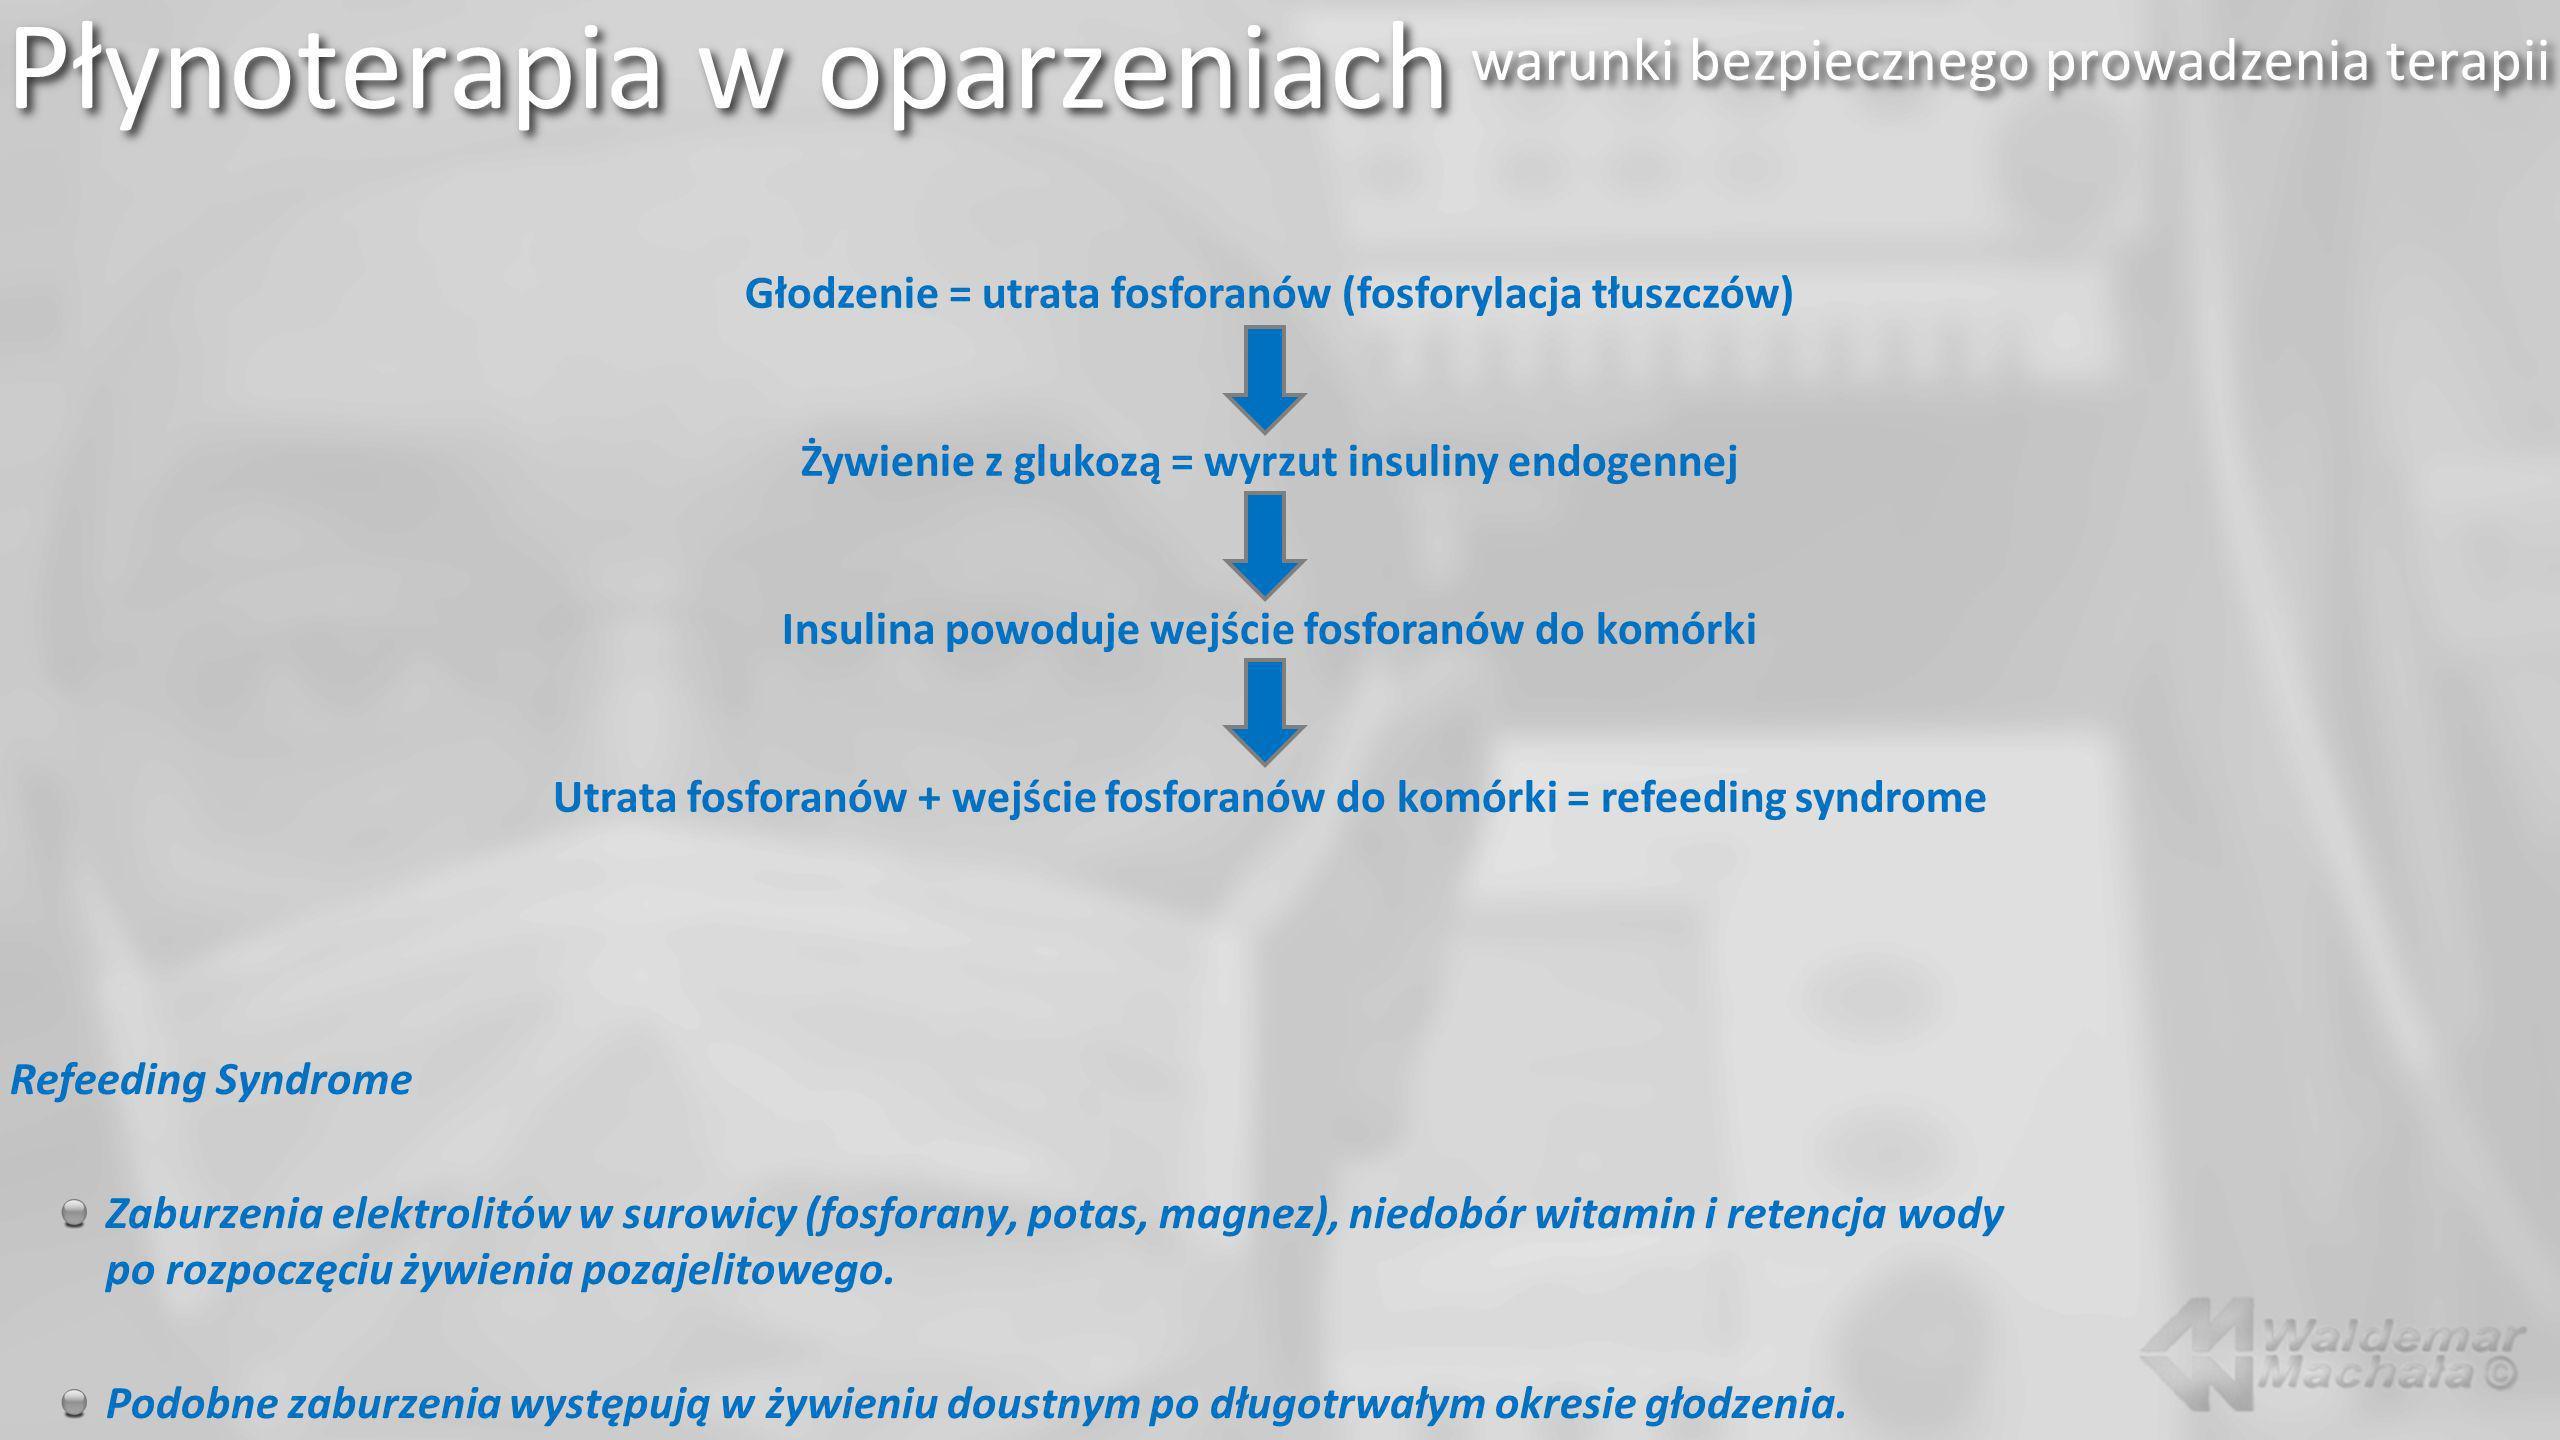 Płynoterapia w oparzeniach warunki bezpiecznego prowadzenia terapii Głodzenie = utrata fosforanów (fosforylacja tłuszczów) Żywienie z glukozą = wyrzut